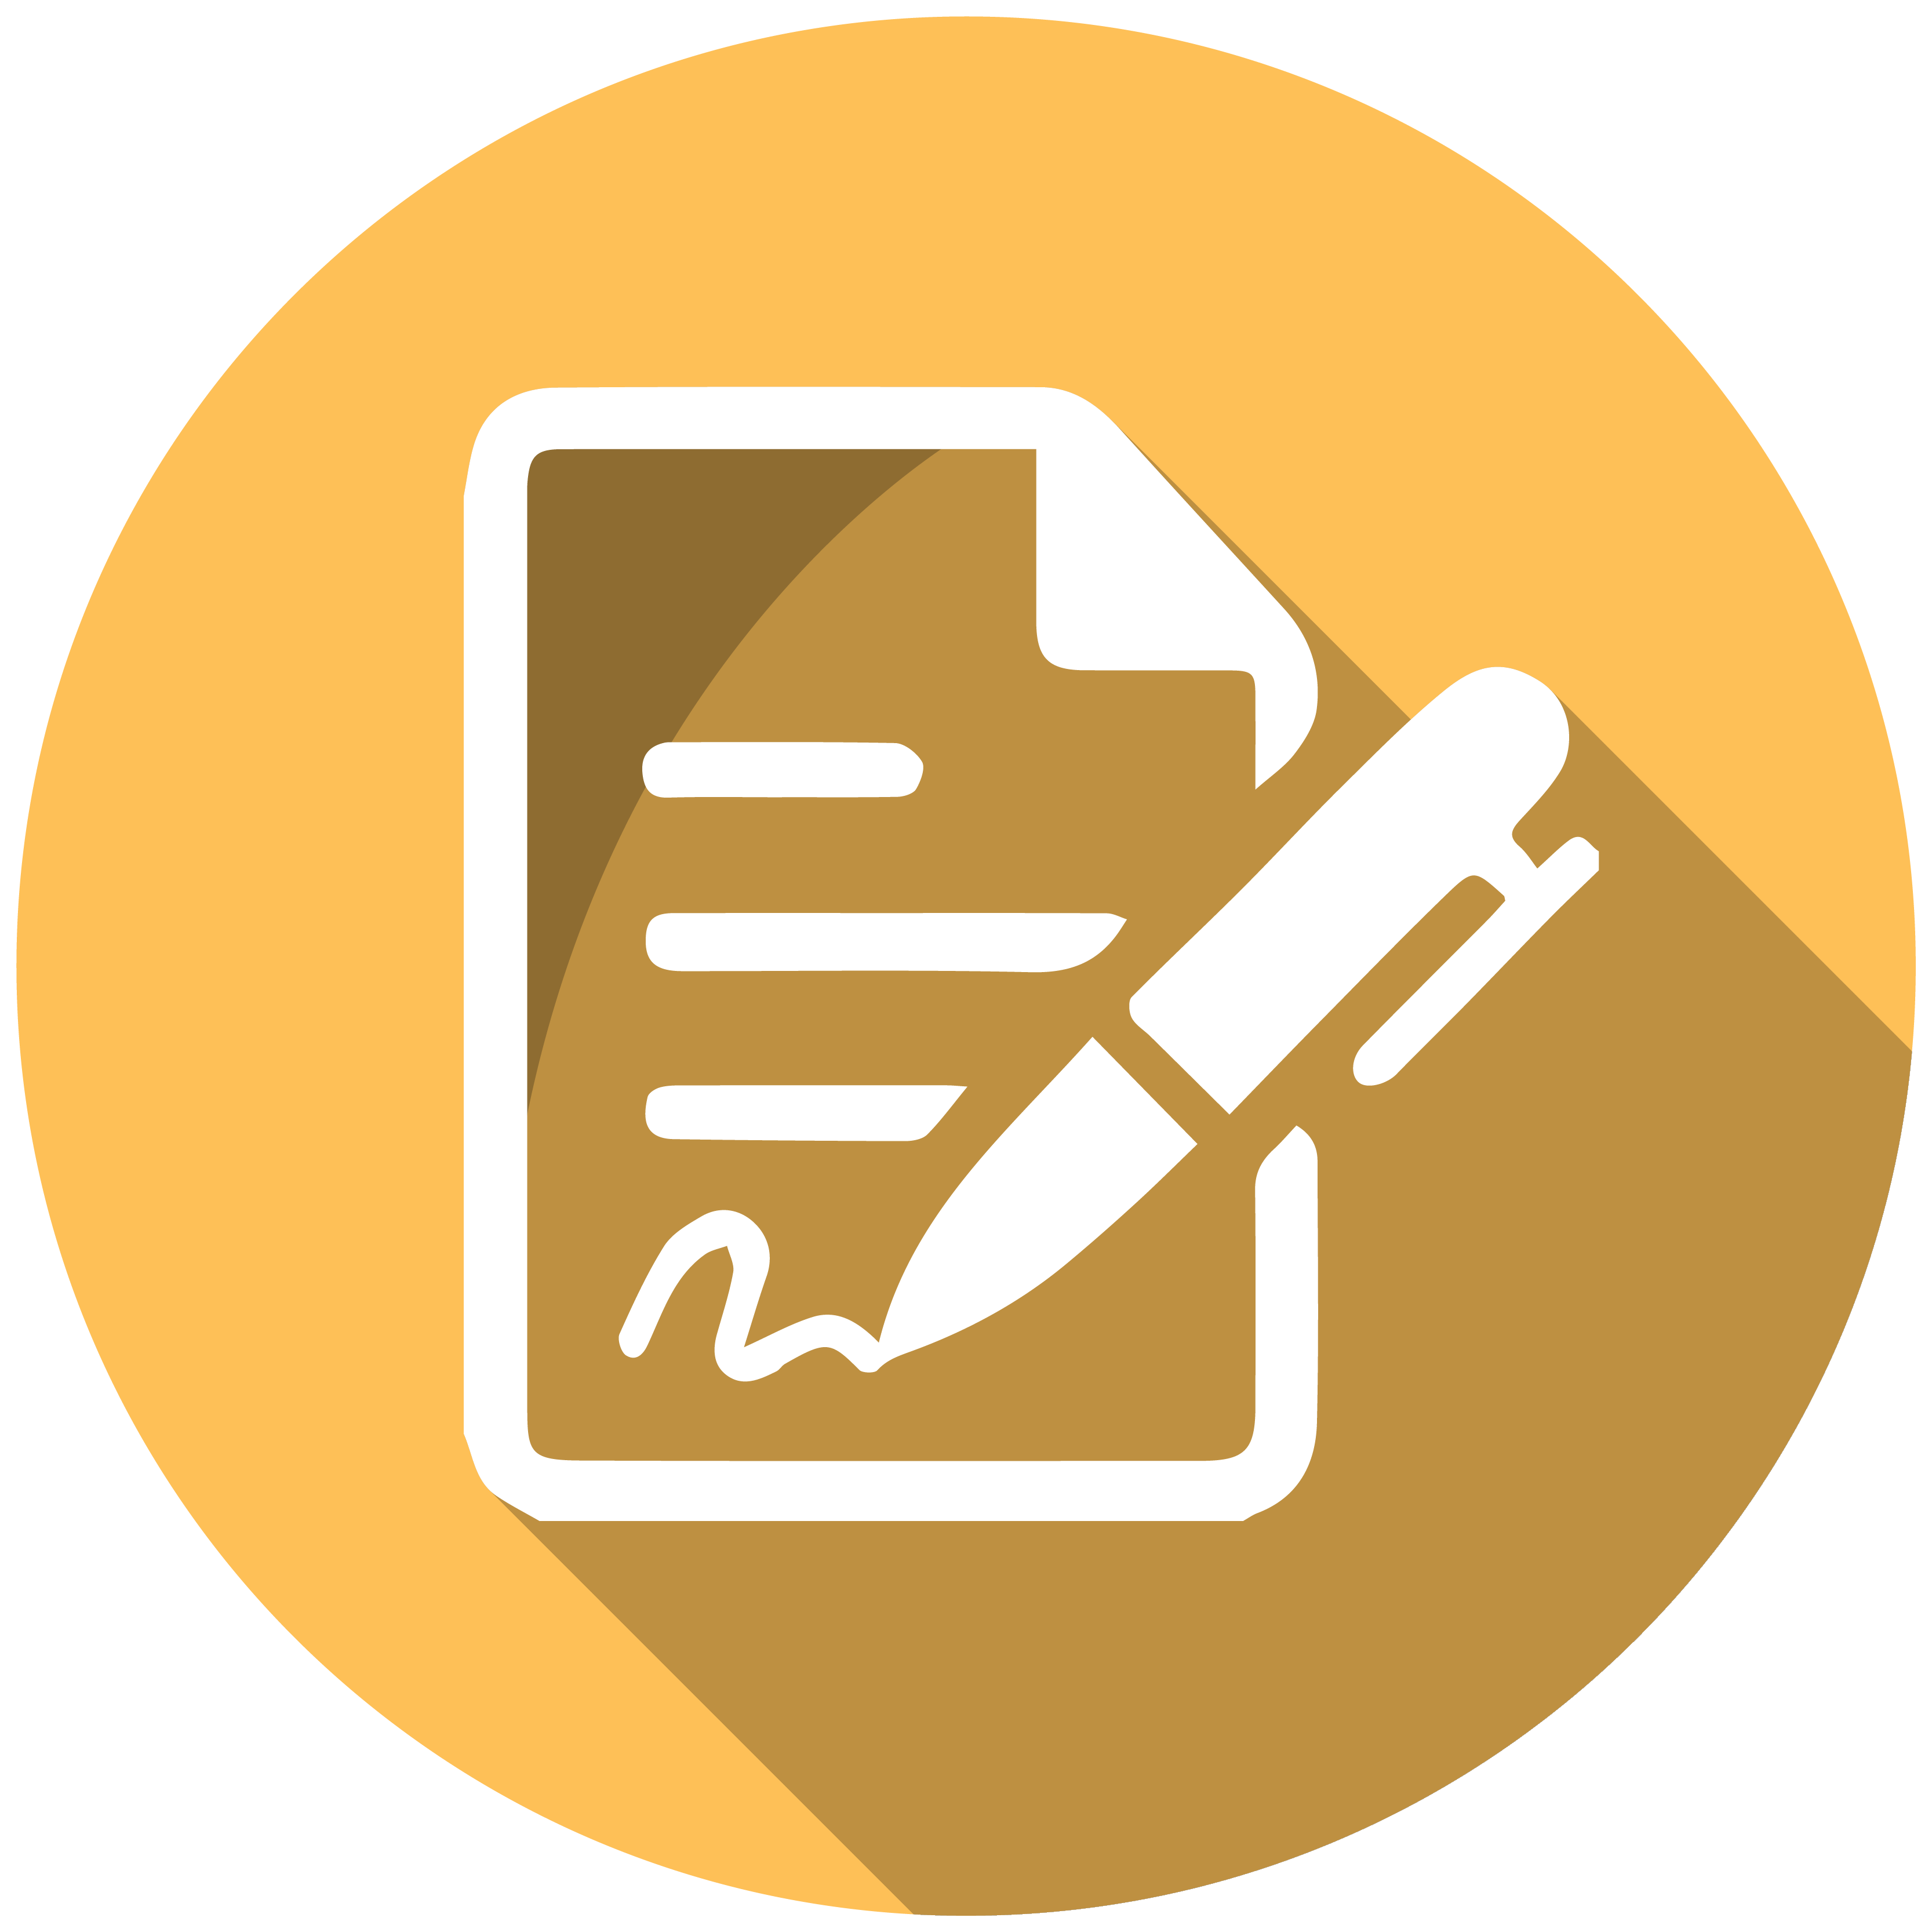 کاملترین فایل ترجمه مقاله پیاده سازی فشرده سازی داده ها در آزمایشگاه دلفی